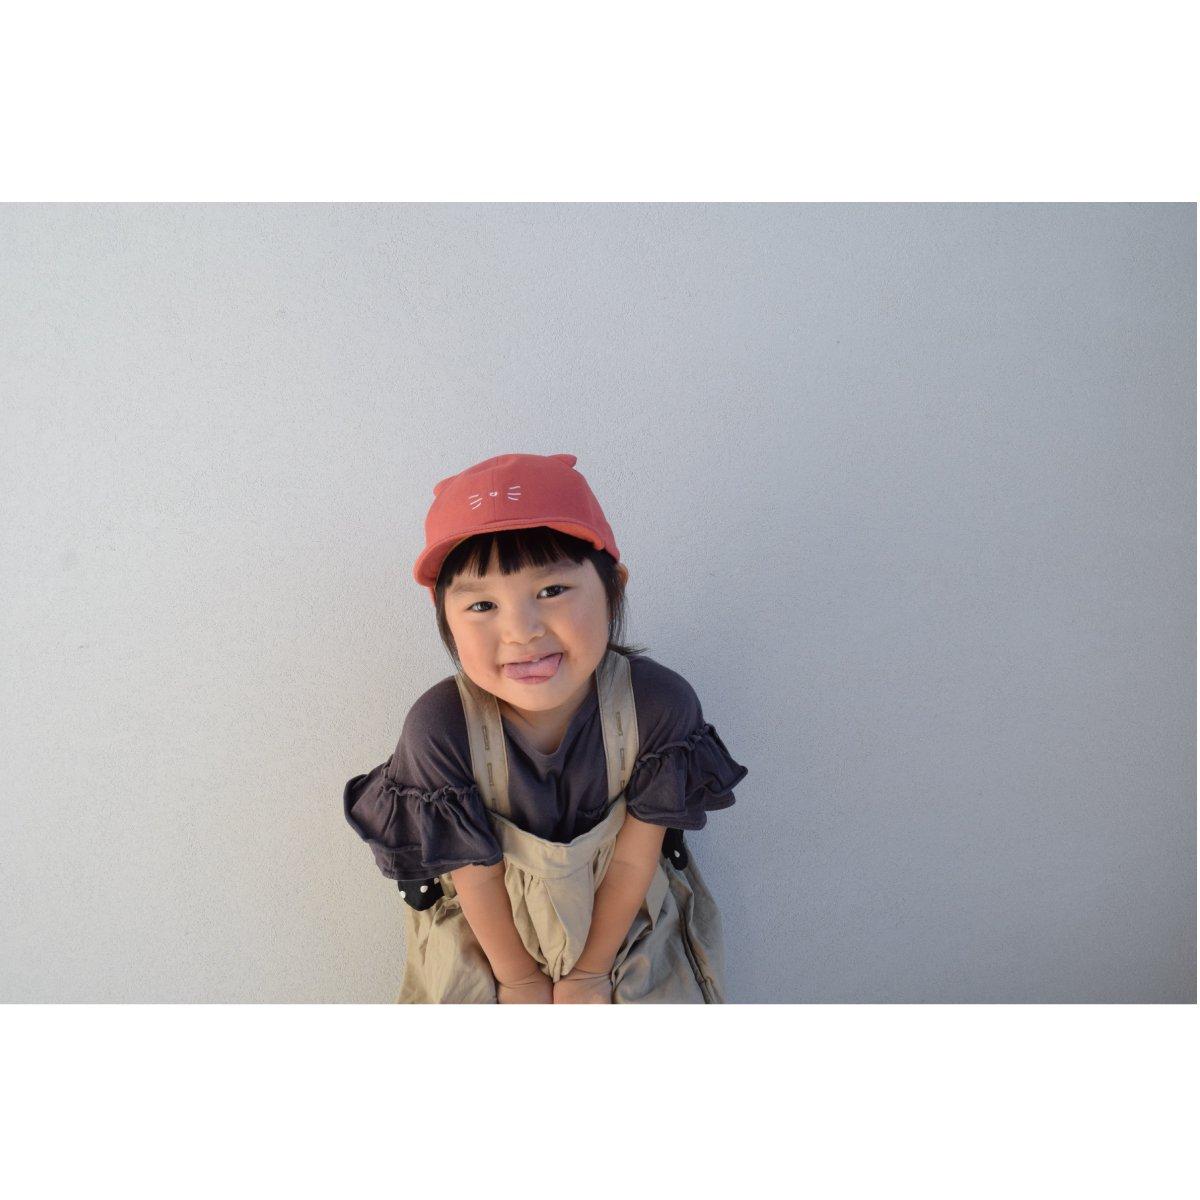 【KIDS】Cat Ear Cap 詳細画像26